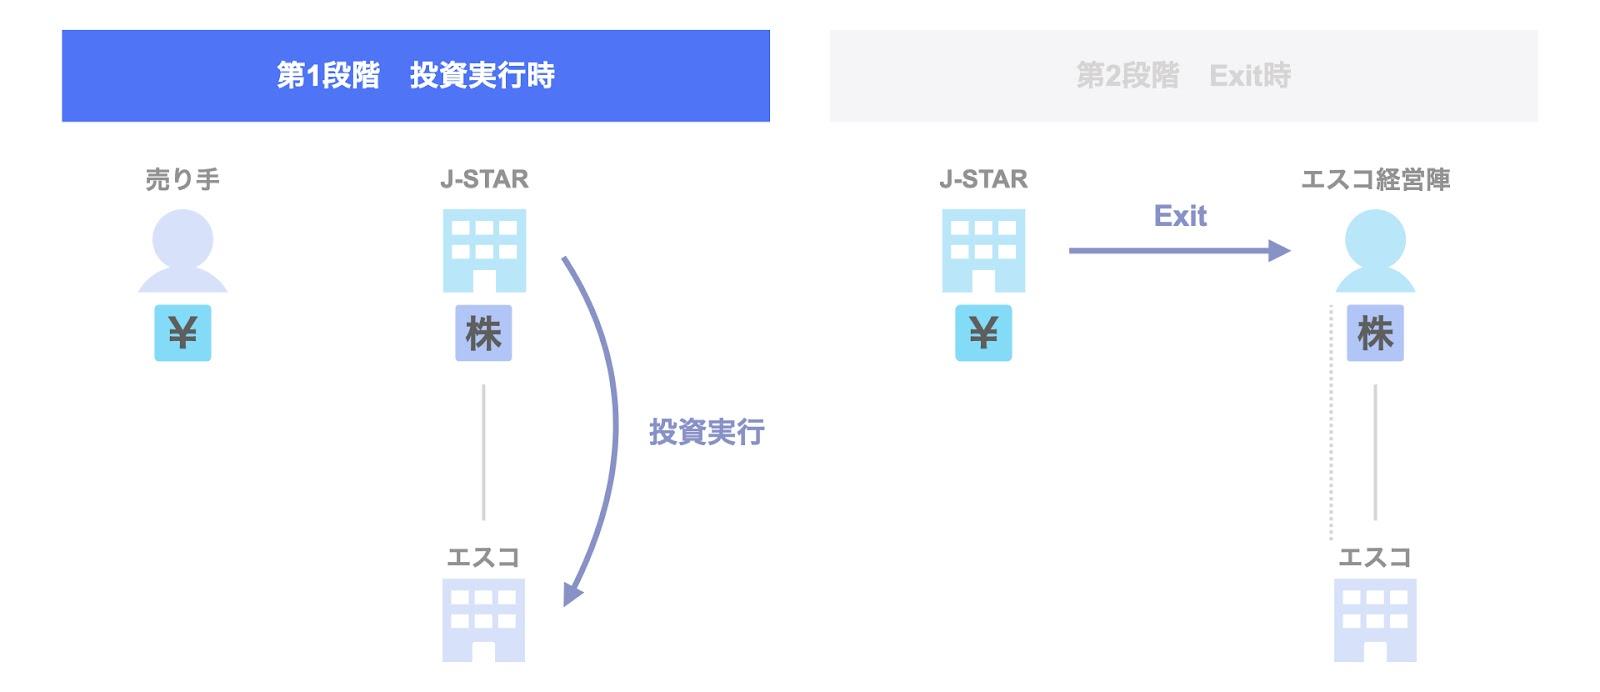 J-STARによるエスコのExit 第1段階:2015年の投資実行時